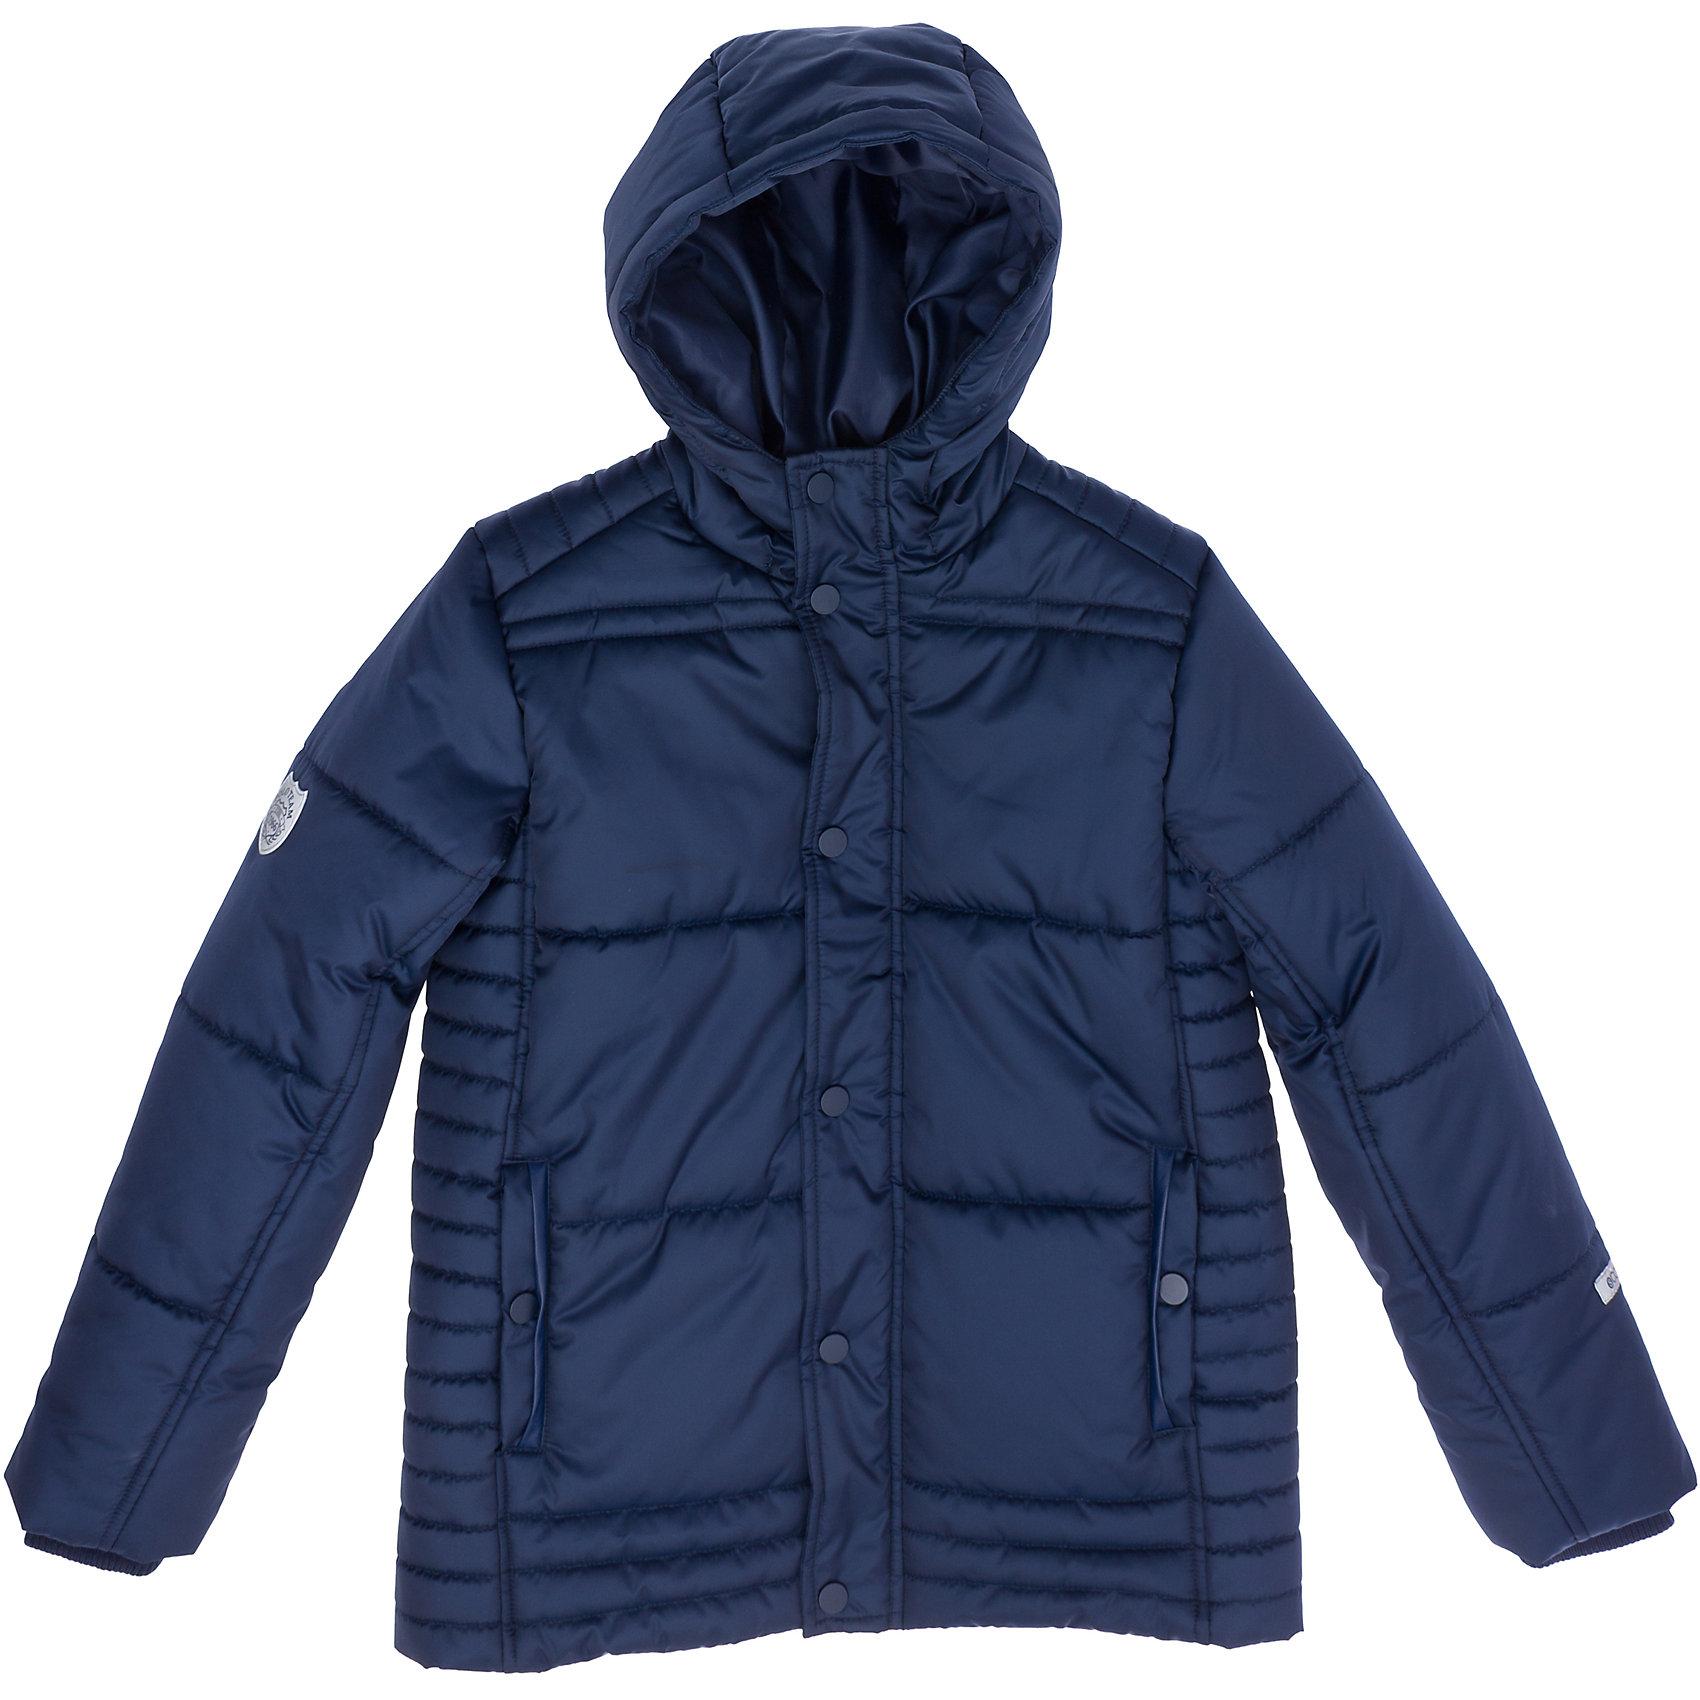 Куртка для мальчика ScoolВерхняя одежда<br>Куртка для мальчика от известного бренда Scool<br>Состав:<br>Верх: 100% полиэстер, Подкладка: 100% полиэстер, Наполнитель: 100% полиэстер, 250 г/м2<br>Теплая осенняя куртка стильного темно-синего цвета <br>* Подкладка таффета <br>* Застегивается на молнию и кнопки, рукава на резинке <br>* Капюшон утягивается стопперами <br>* Два кармана на кнопках<br><br>Ширина мм: 356<br>Глубина мм: 10<br>Высота мм: 245<br>Вес г: 519<br>Цвет: полуночно-синий<br>Возраст от месяцев: 132<br>Возраст до месяцев: 144<br>Пол: Мужской<br>Возраст: Детский<br>Размер: 140,134,122,128,146,152,164,158<br>SKU: 4686632